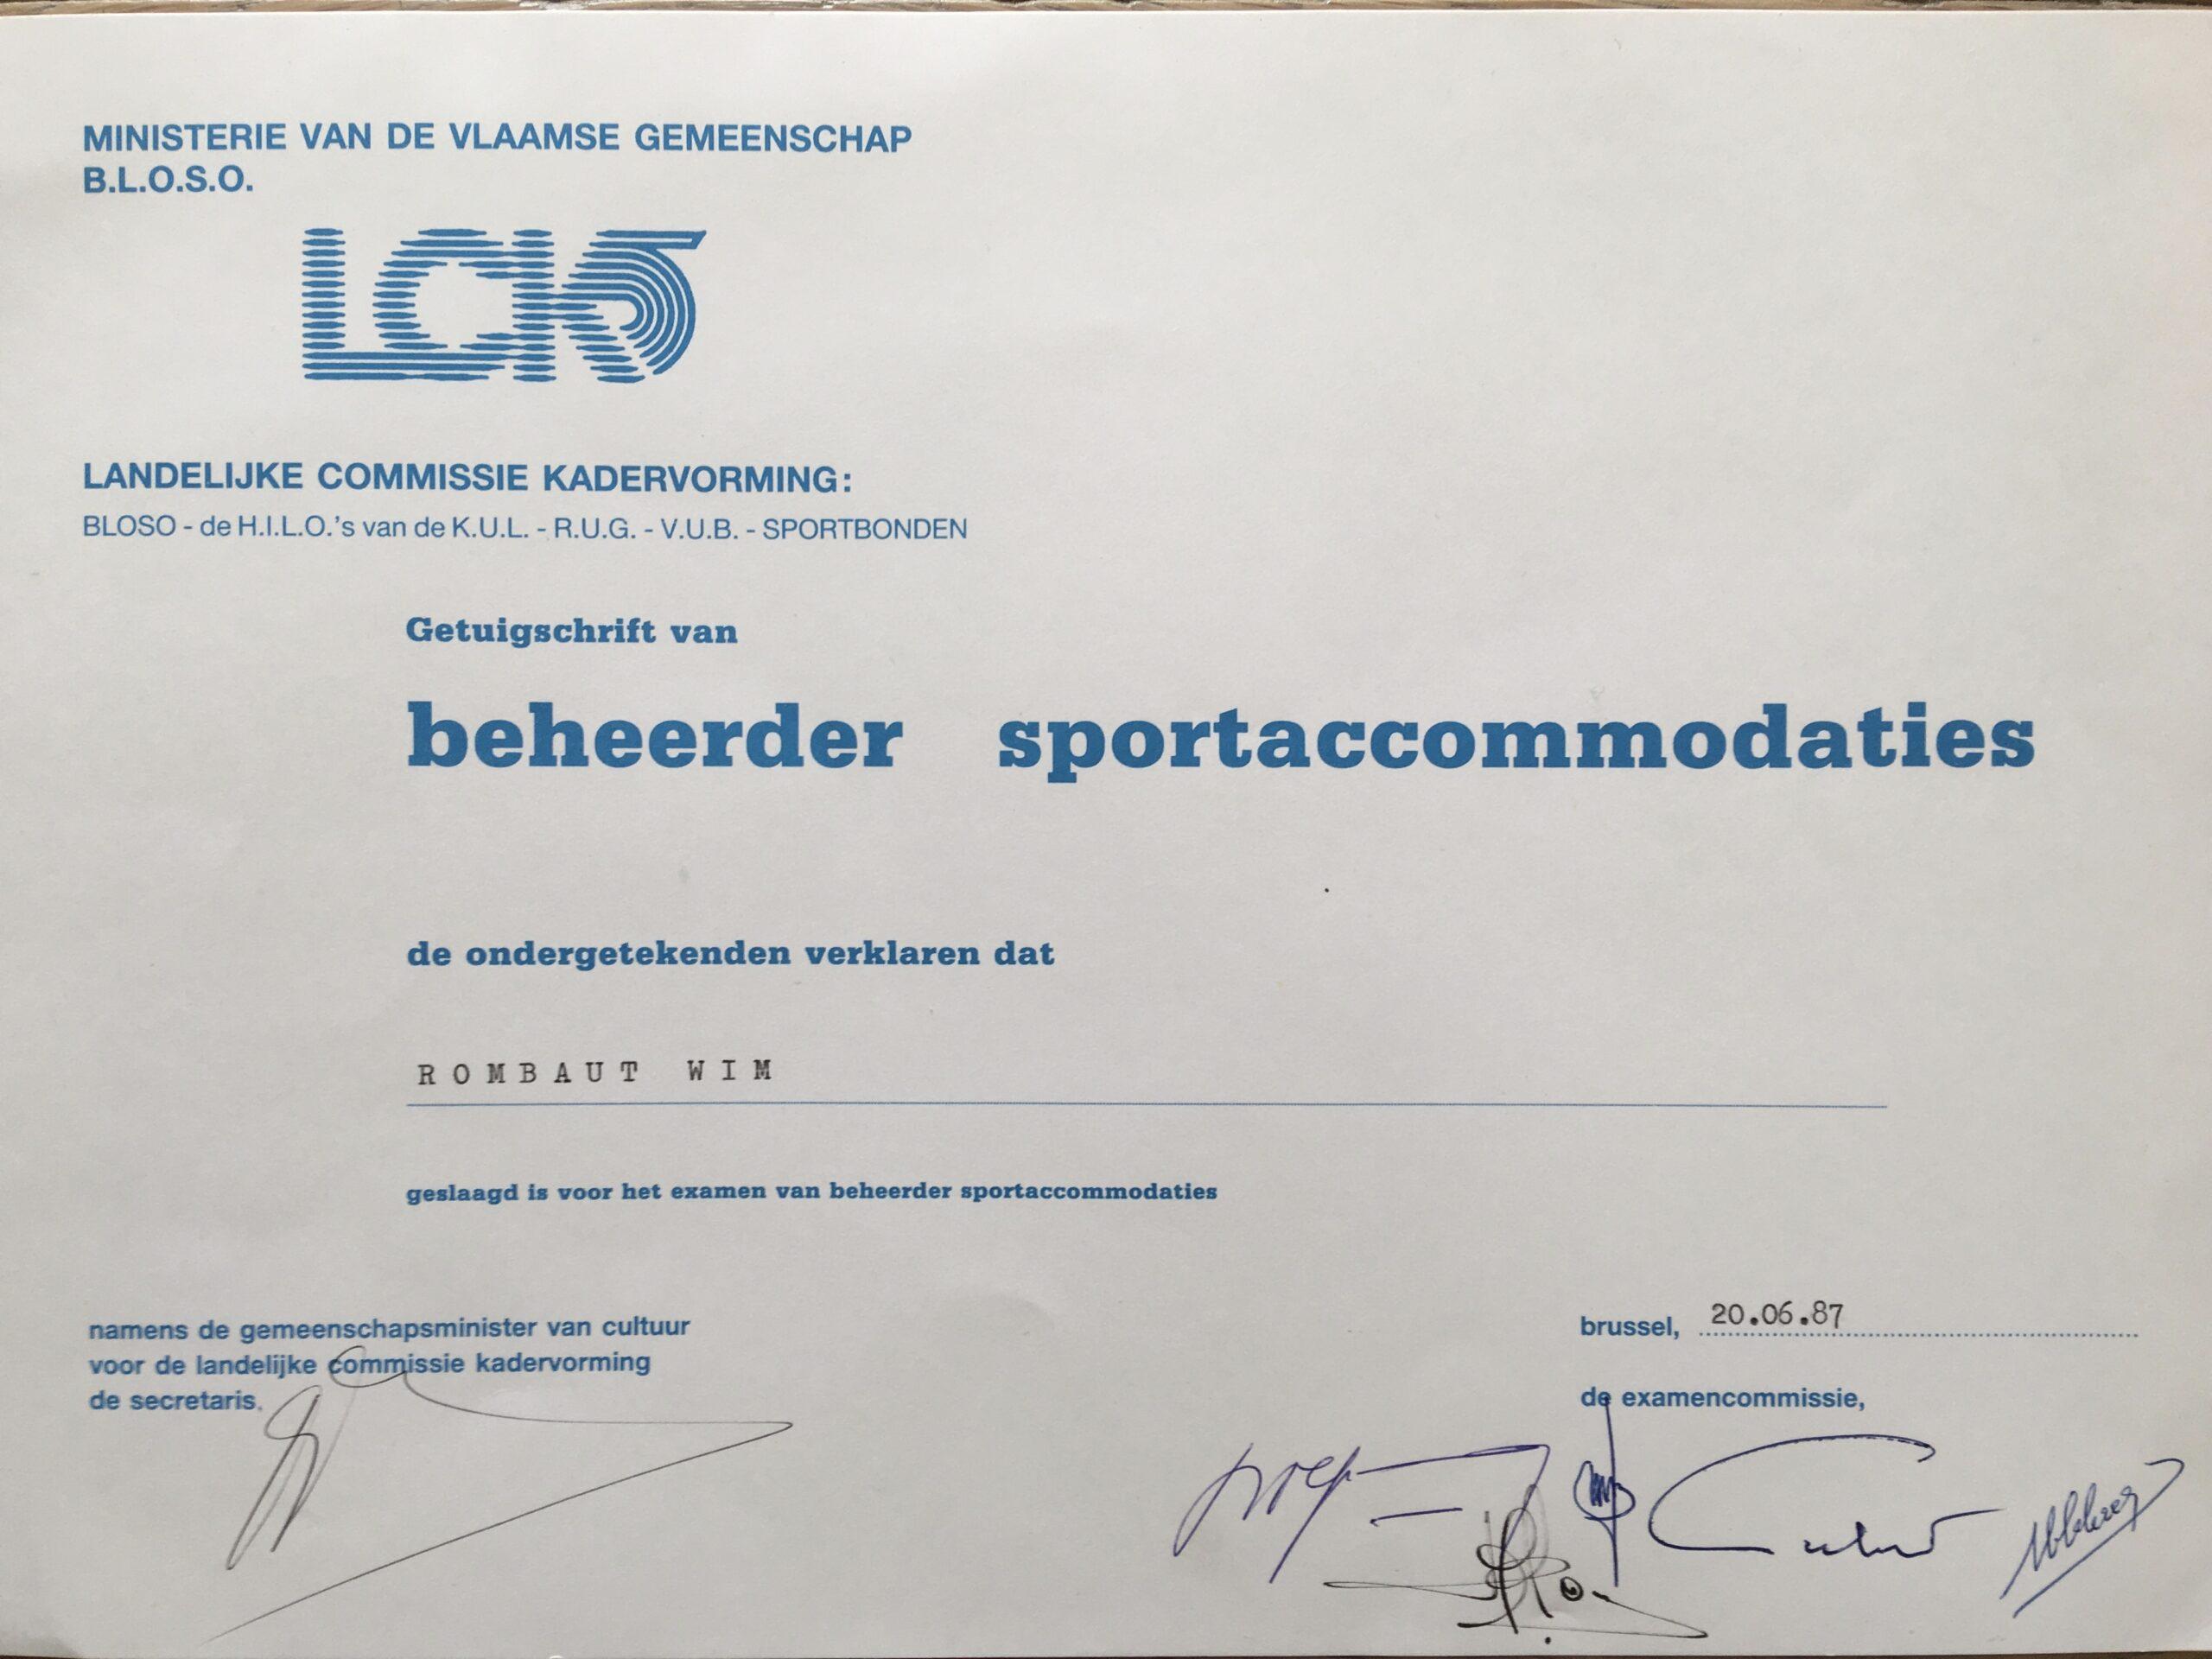 Diploma beheerder sportaccomodaties Wim Rombaut